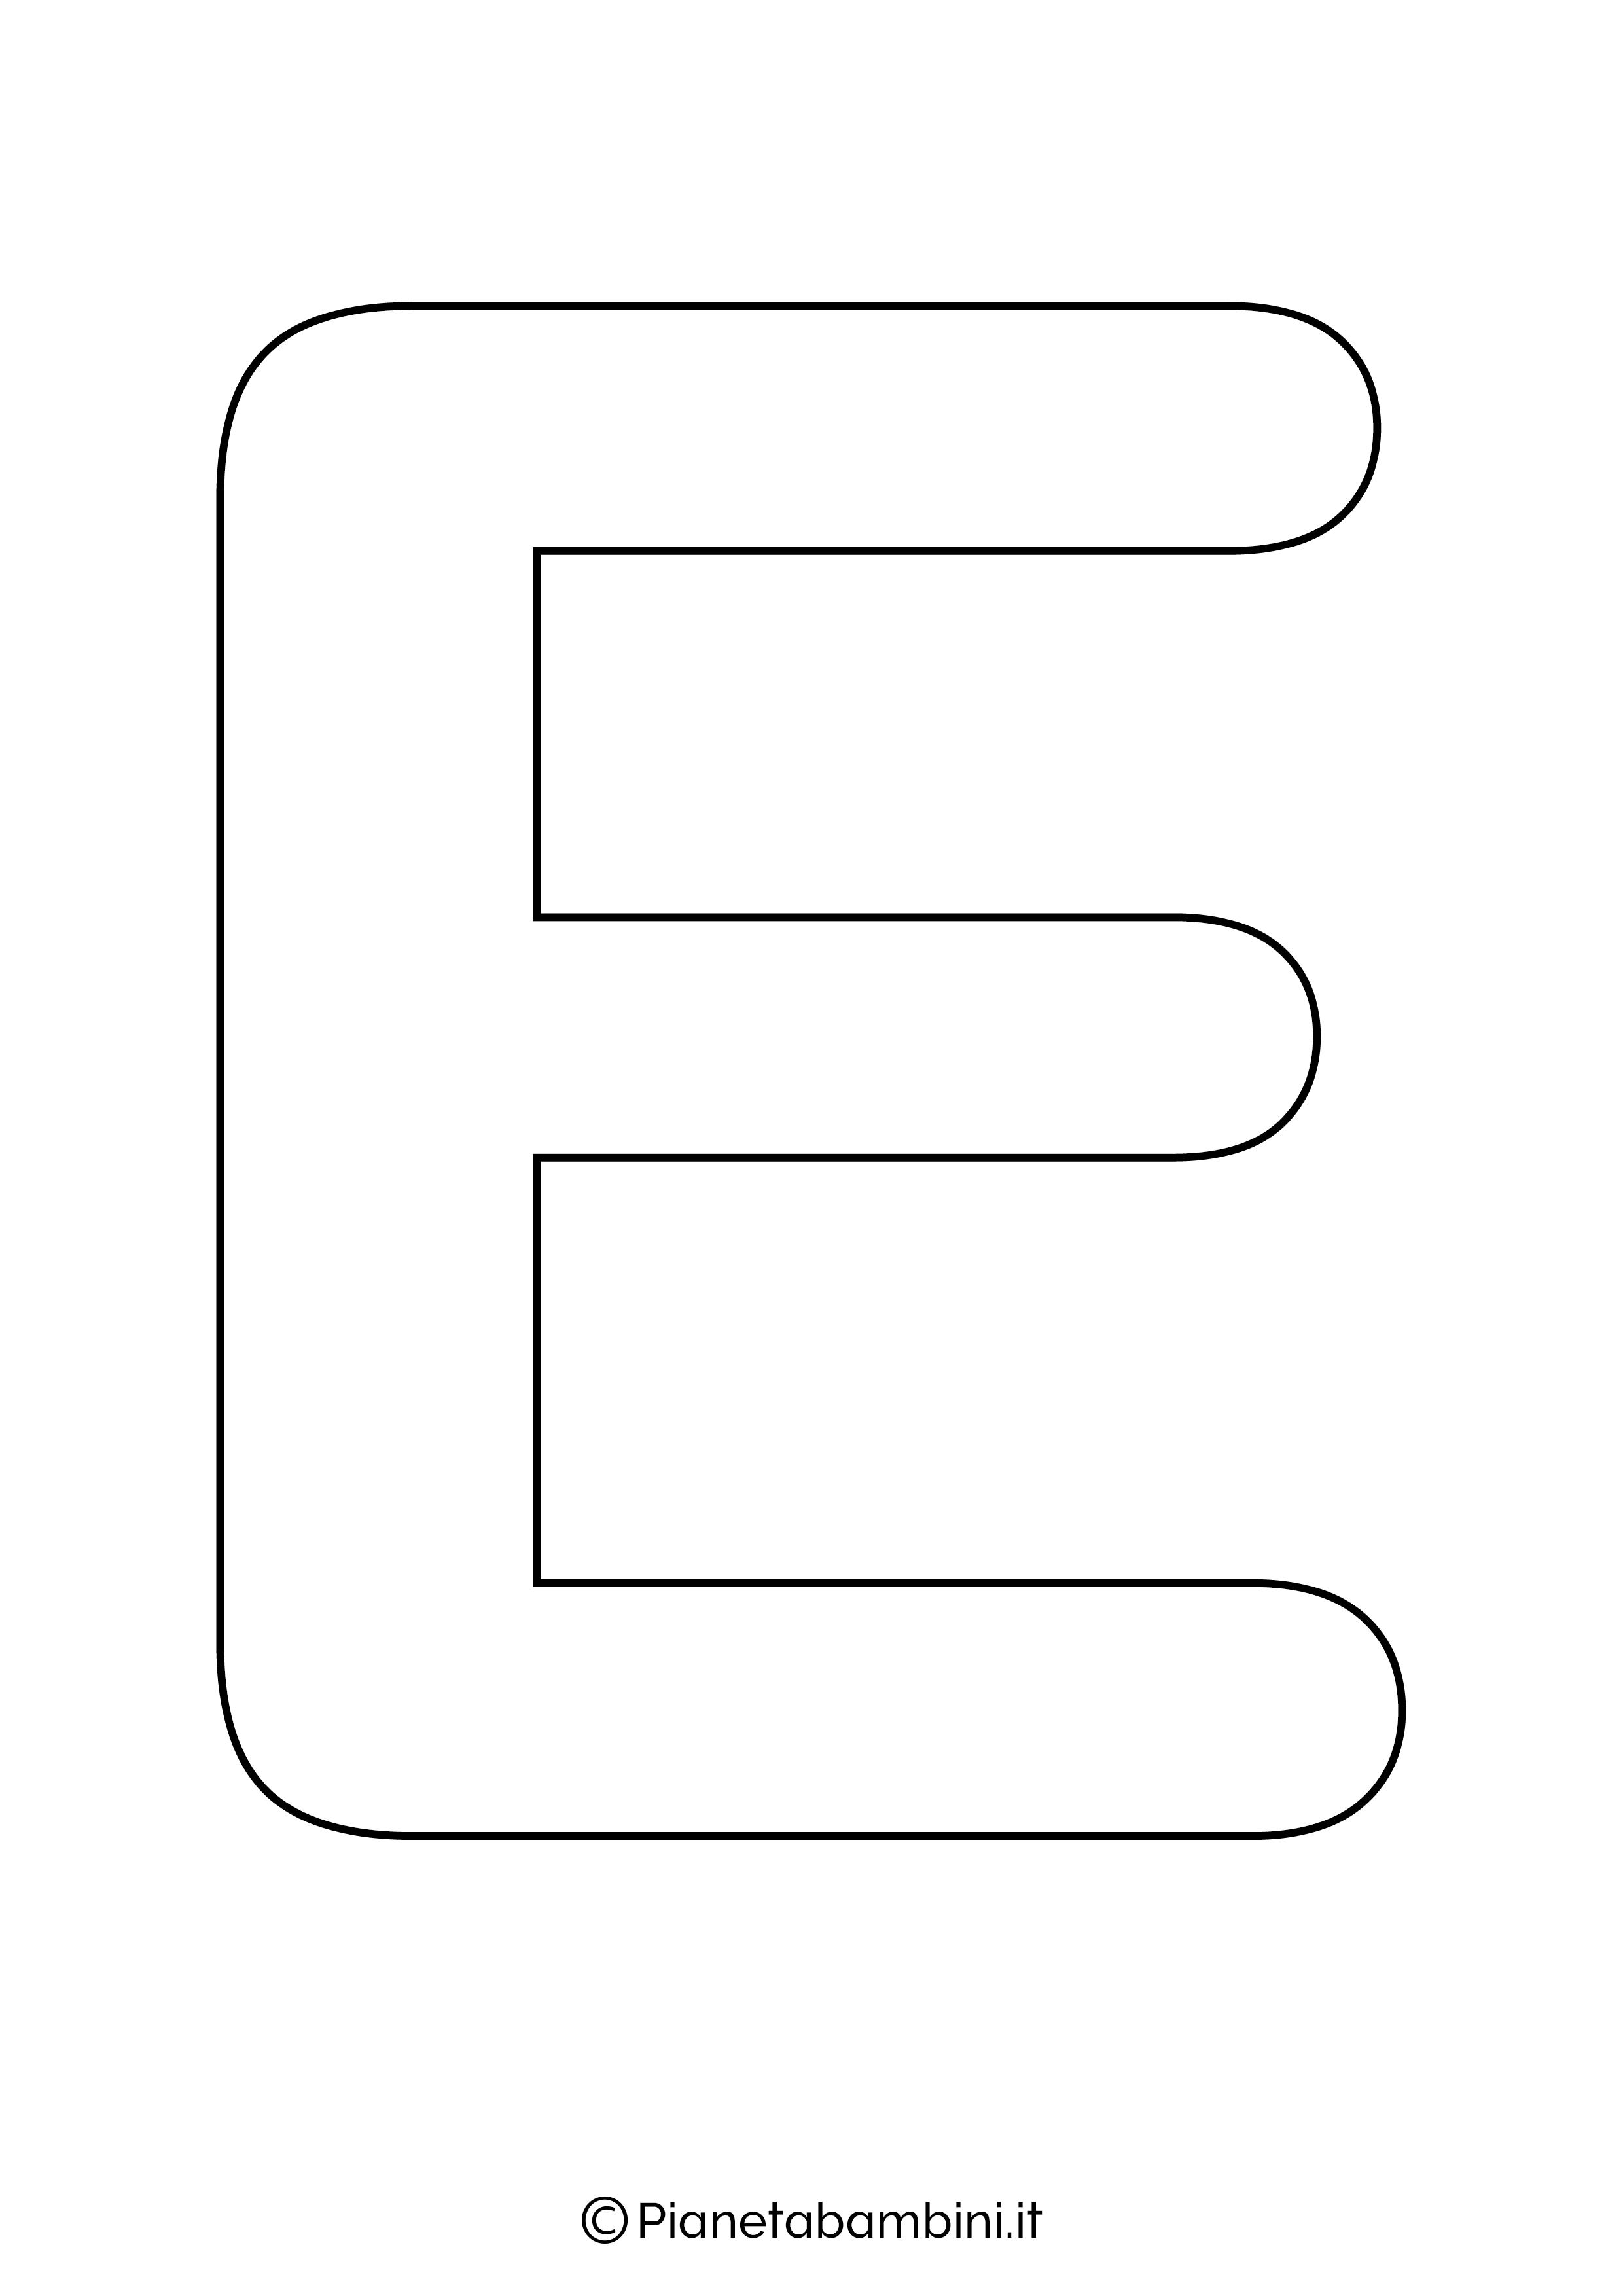 Lettera E maiuscola da stampare